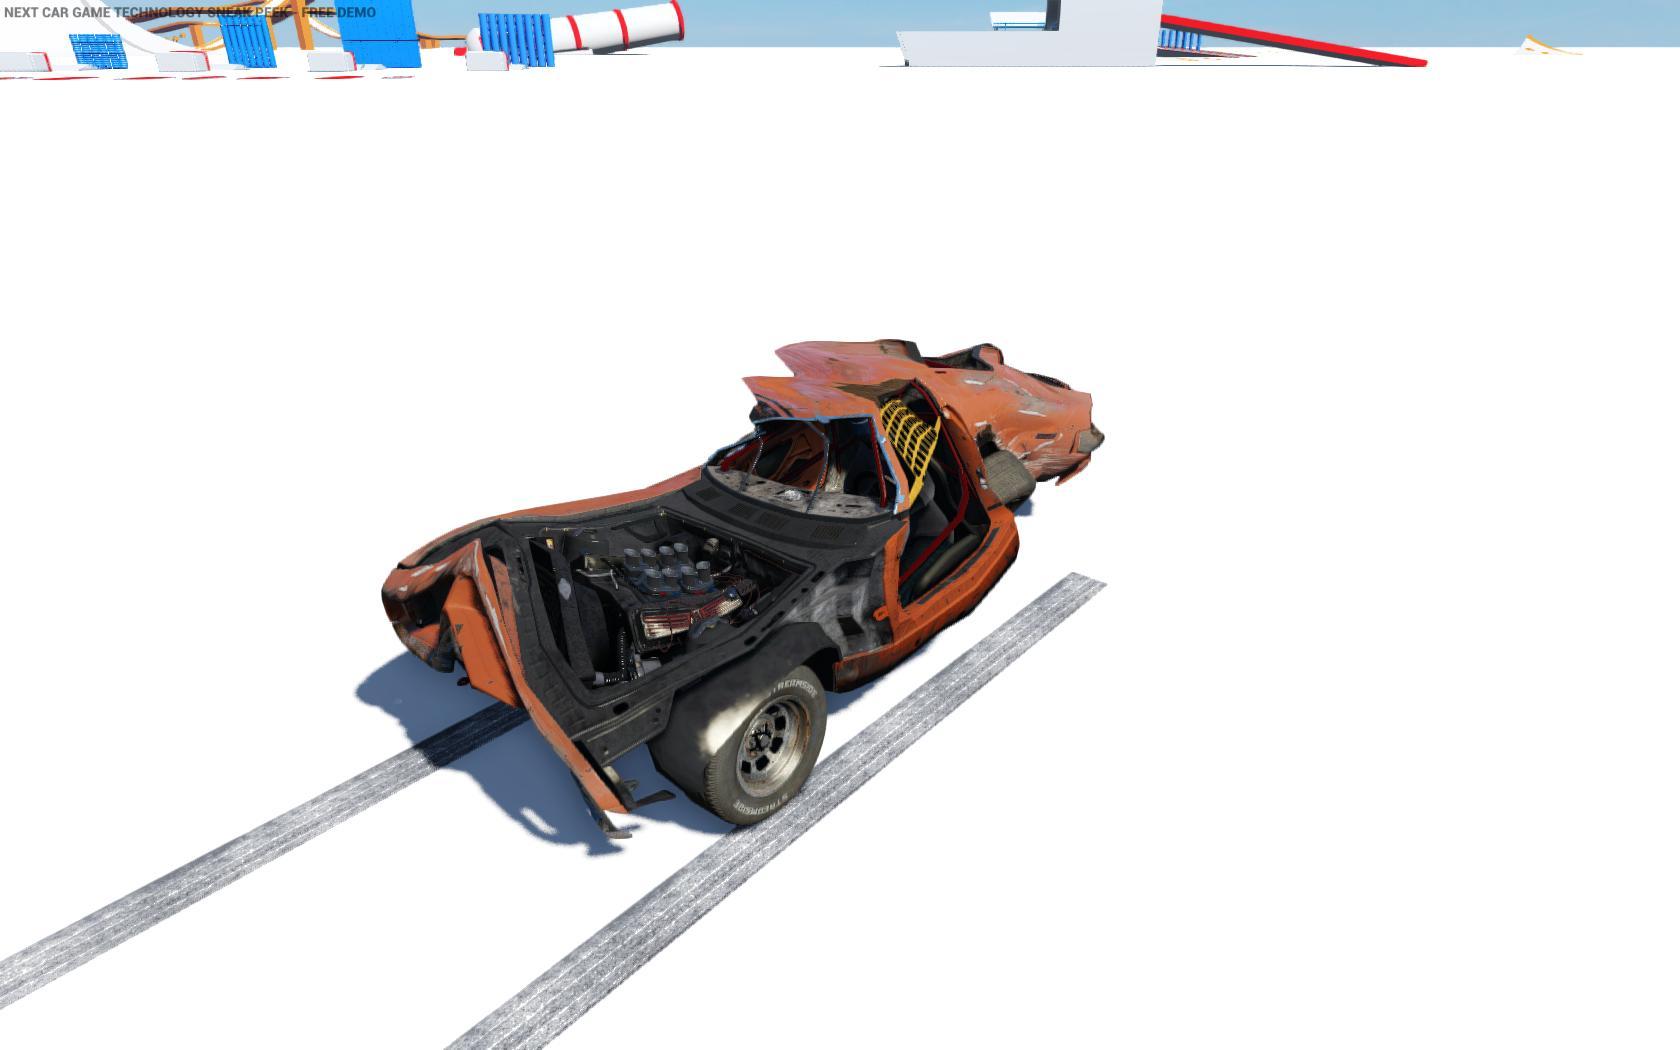 Next Car Game - dojmy z pre-alpha verze nelítostného závodění 91771